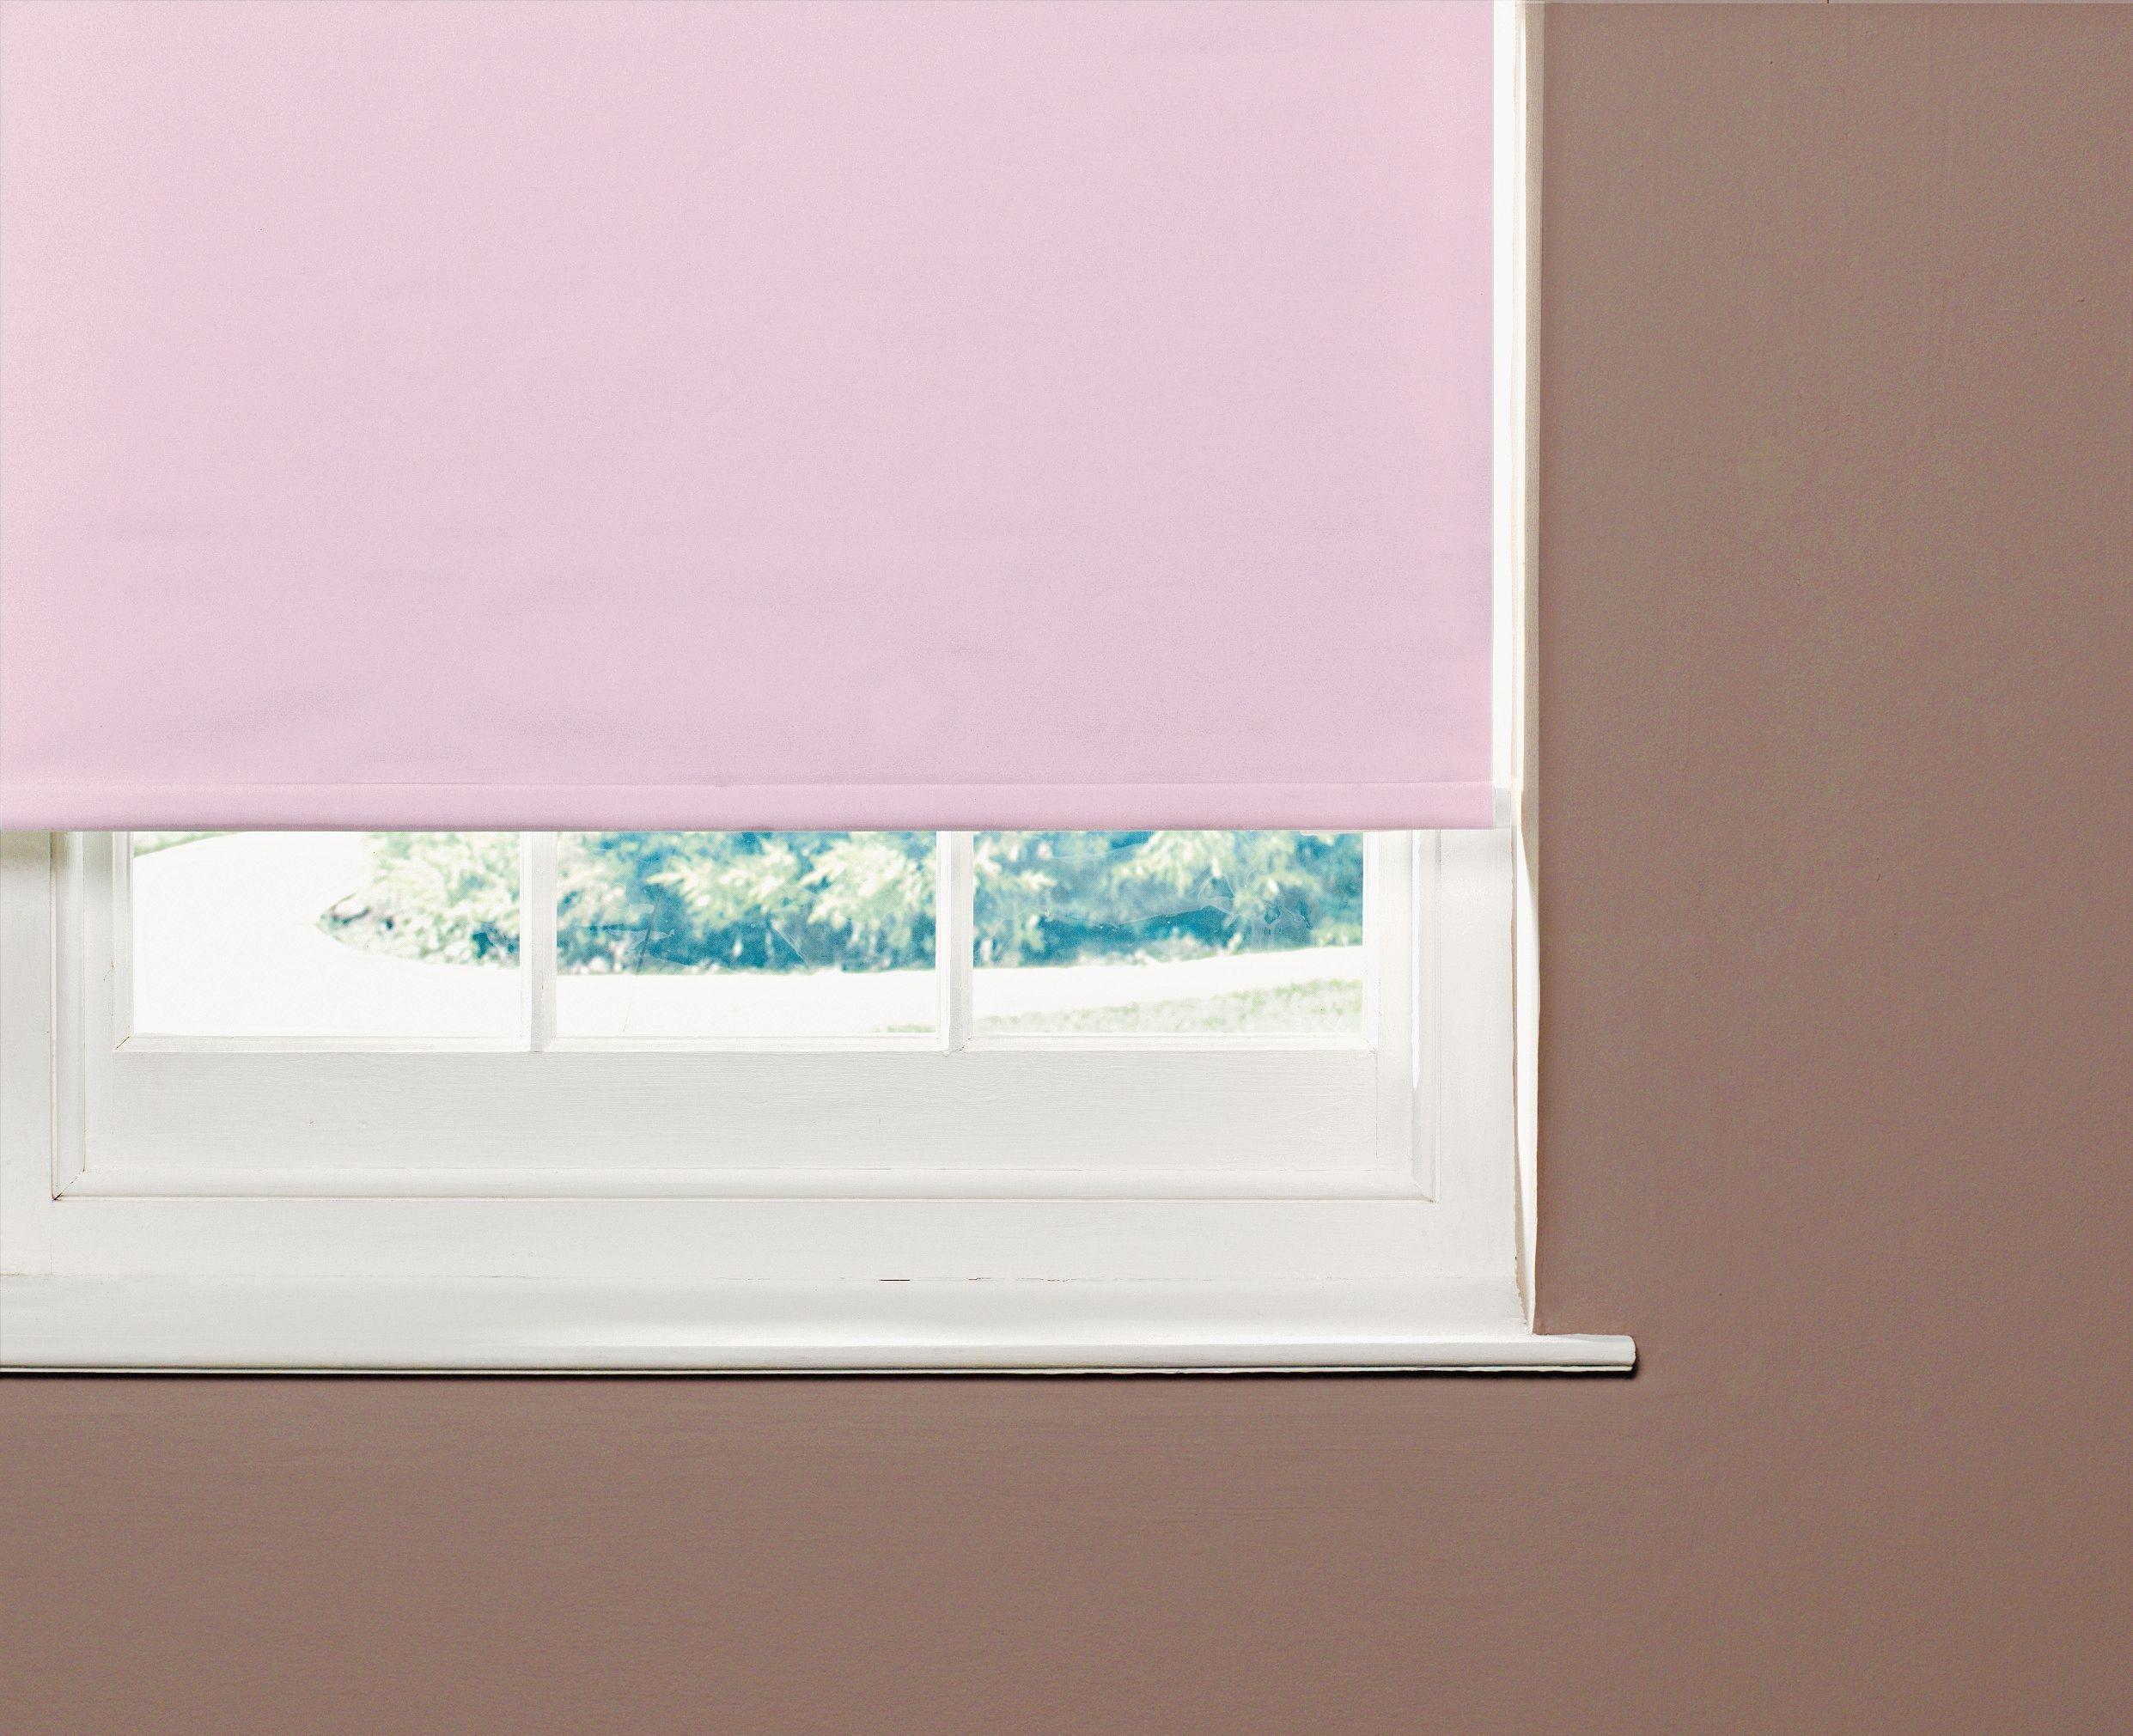 Image of ColourMatch Blackout Roller Blind - 5ft - Bubblegum Pink